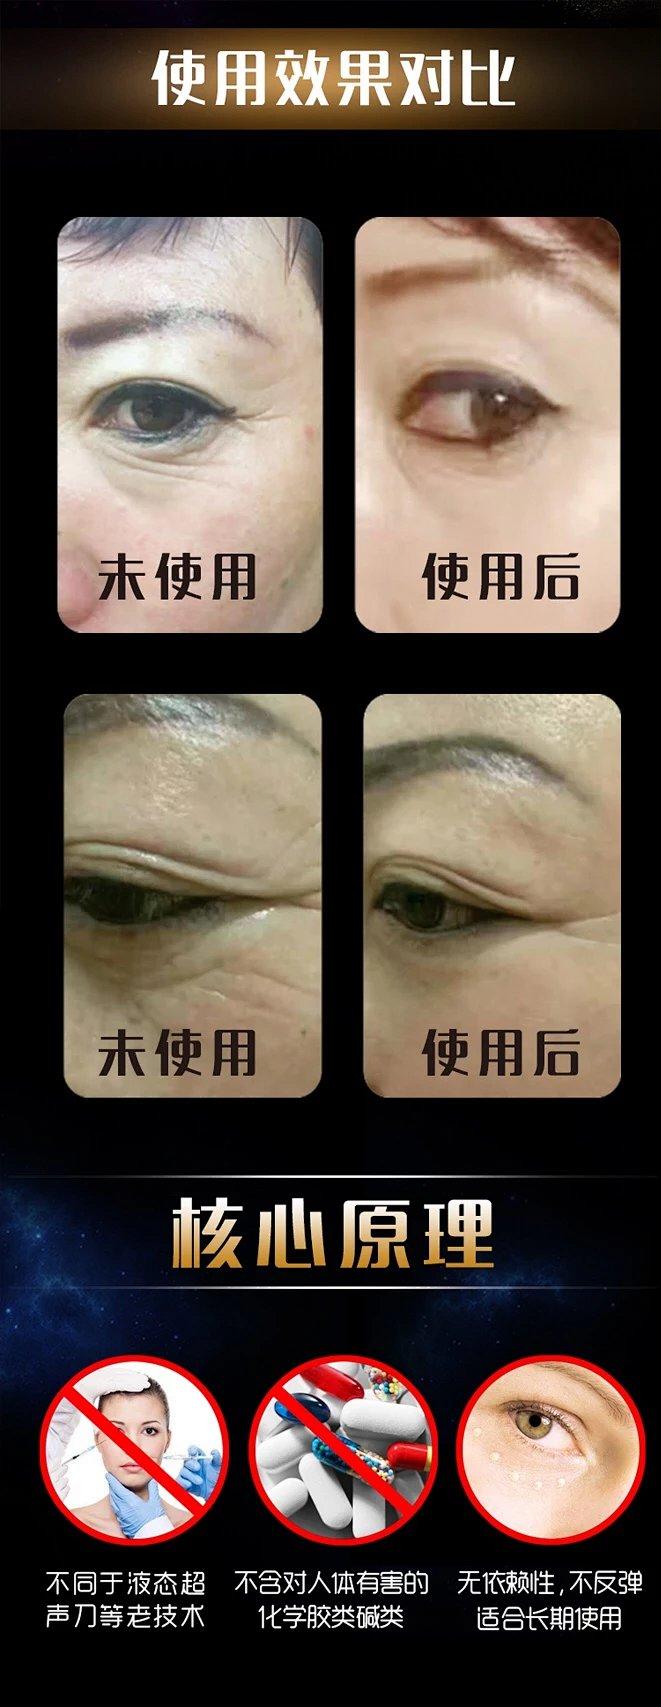 明眸焕彩眼部套组 玛姿宝 — 美妆系列产品-广州玛姿宝生物科技有限公司